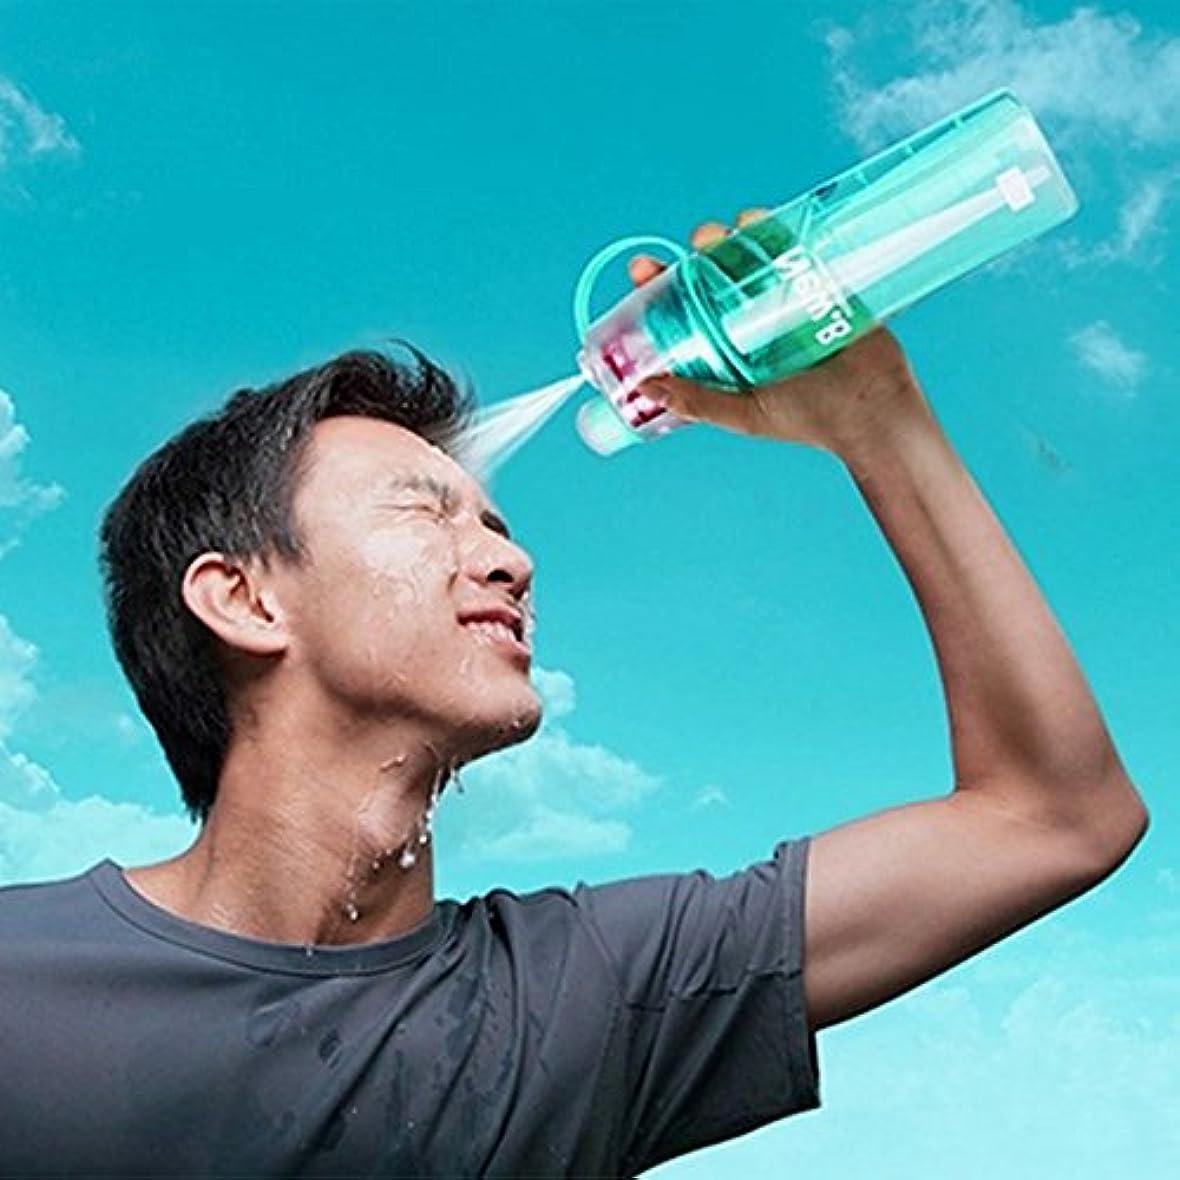 研究所不愉快グローブハイキング用の?水ボトル スポーツ?水ボトル スプレーストロー付き 屋外活動 透明 ポータブル